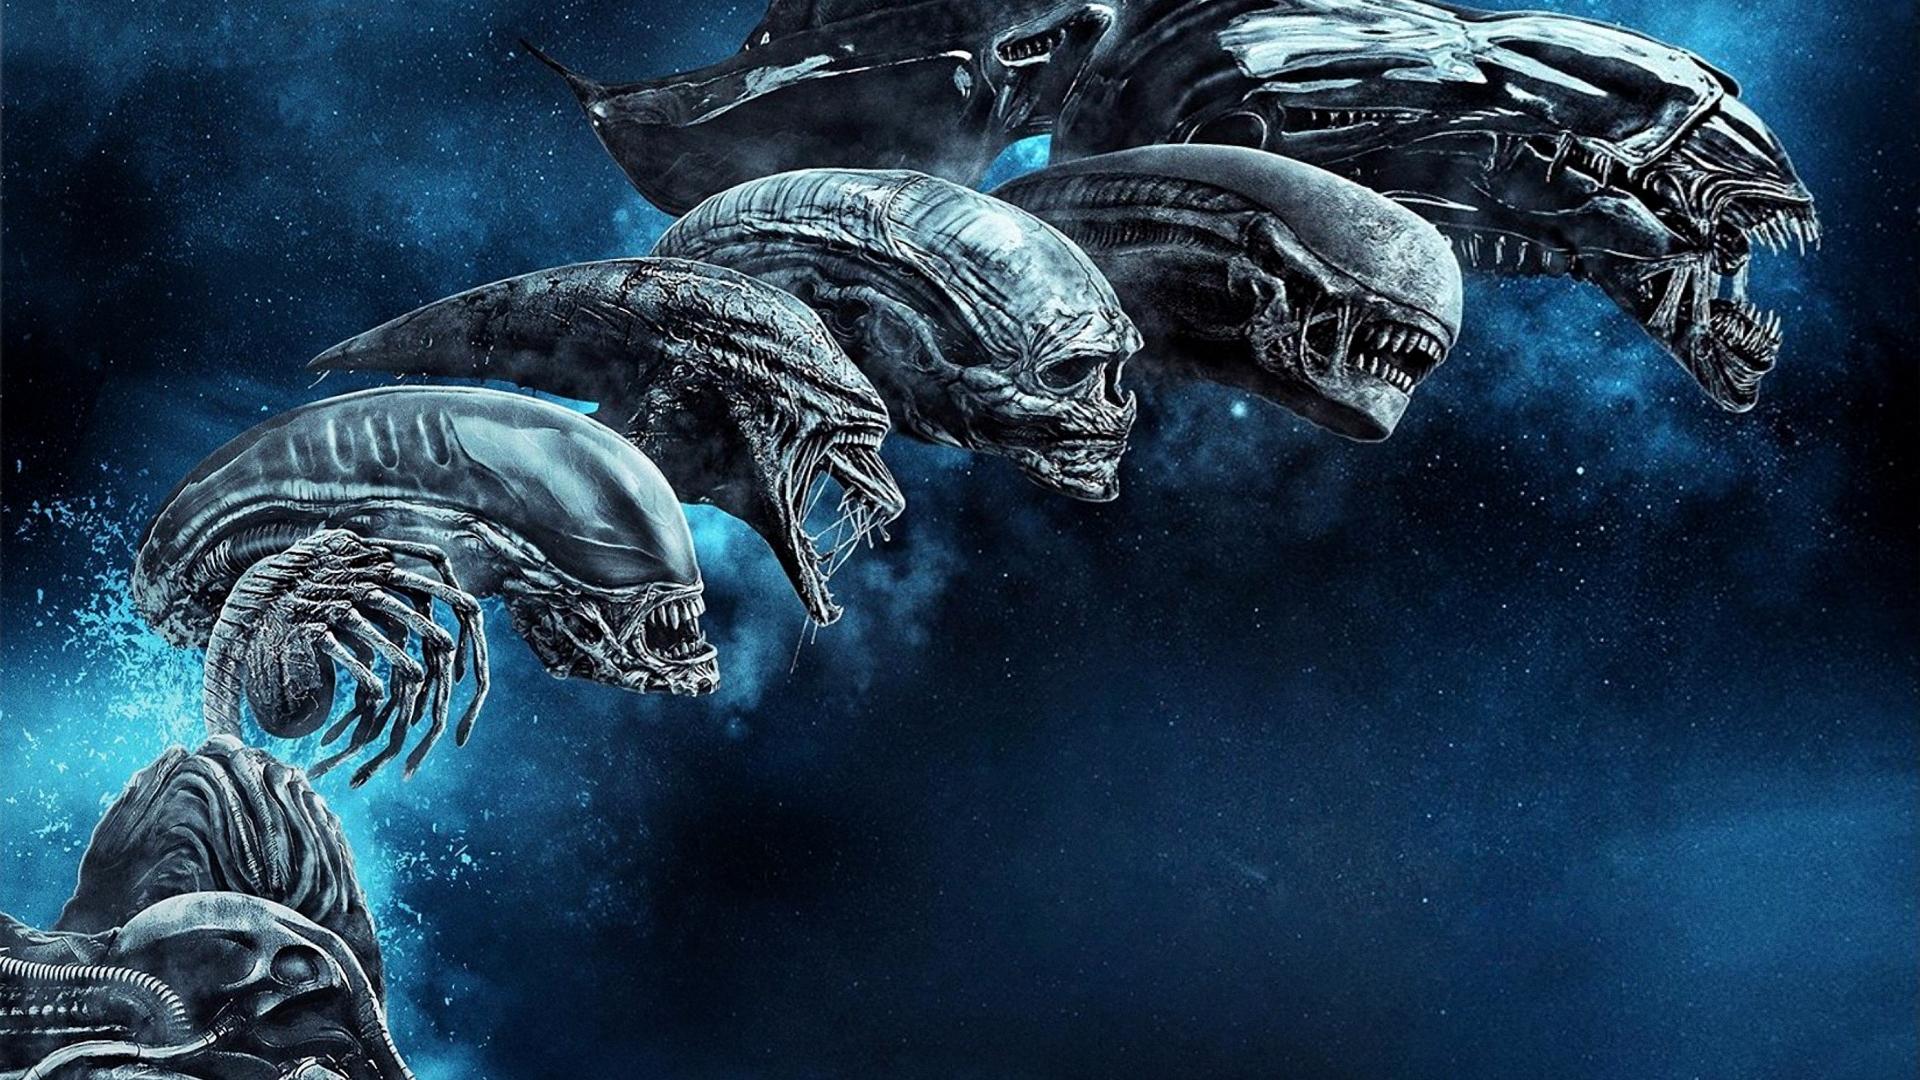 Fond D Ecran Film Etranger Alien Resurrection Film Prometheus Facehugger Xenomorph Ingenieur Alien Covenant Galaxie 1920x1080 Kisarashi 1425109 Fond D Ecran Wallhere